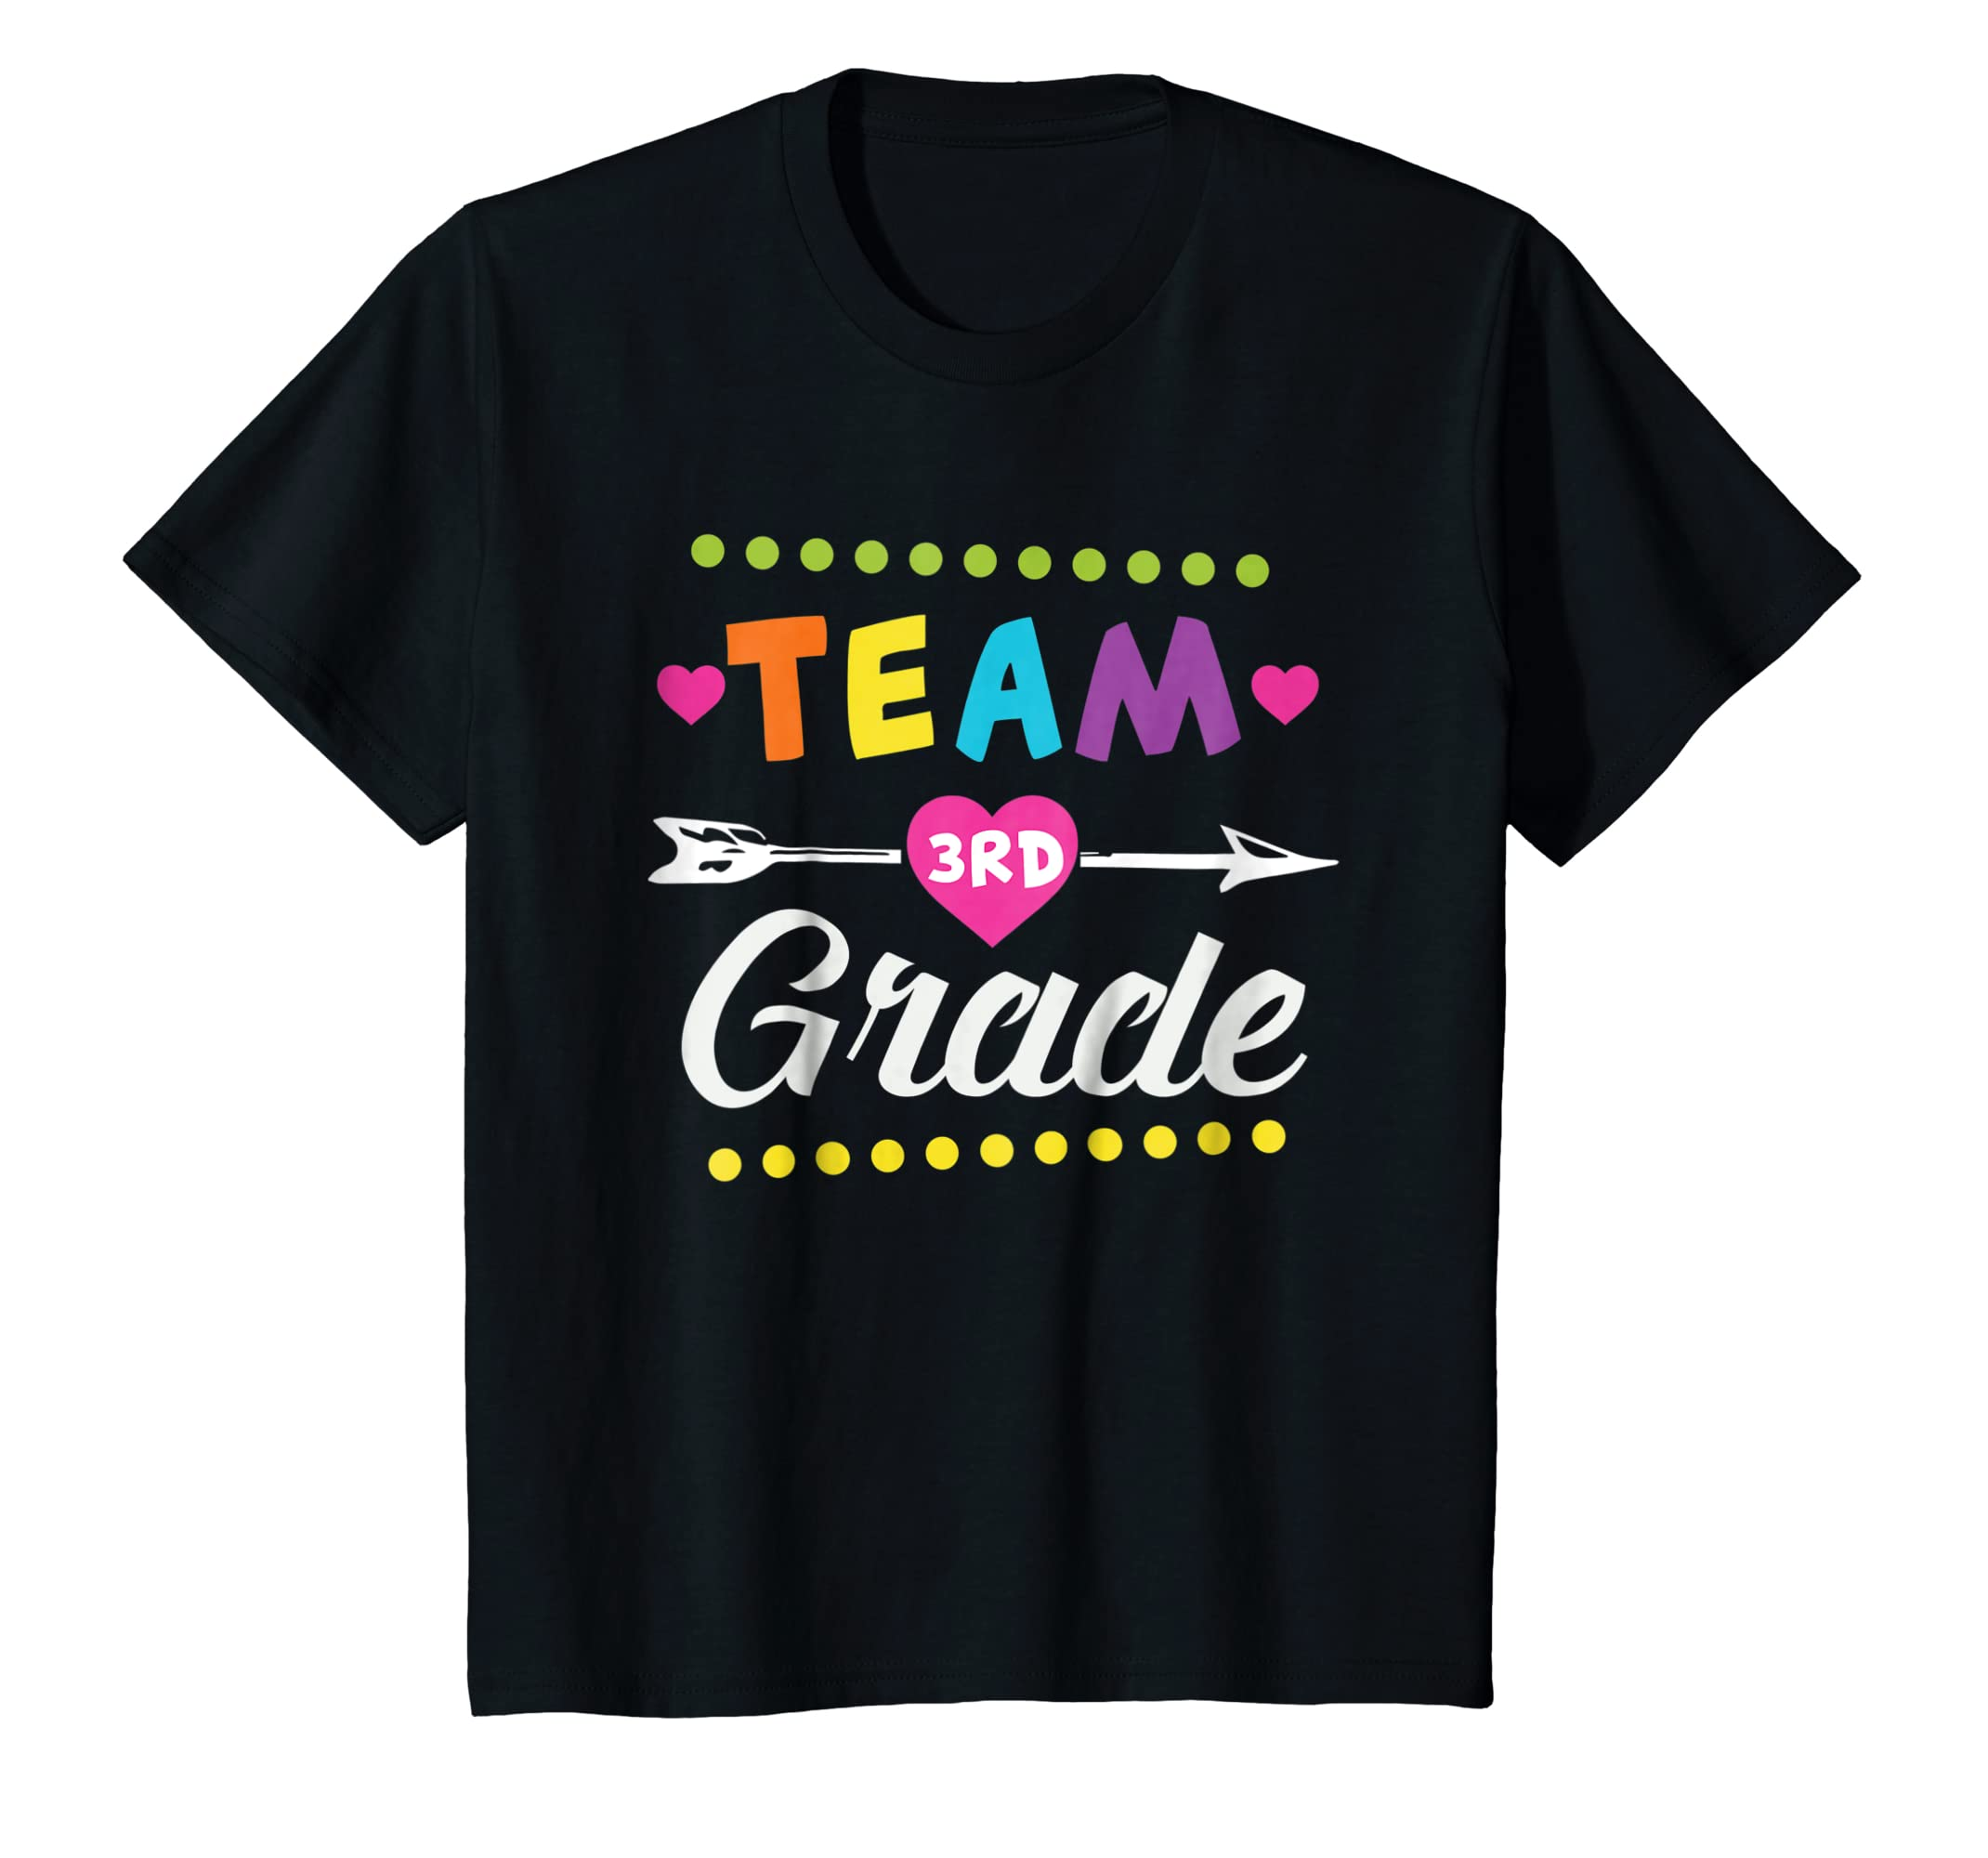 Team 3rd grade Teacher Shirt Team Third Grade Teacher